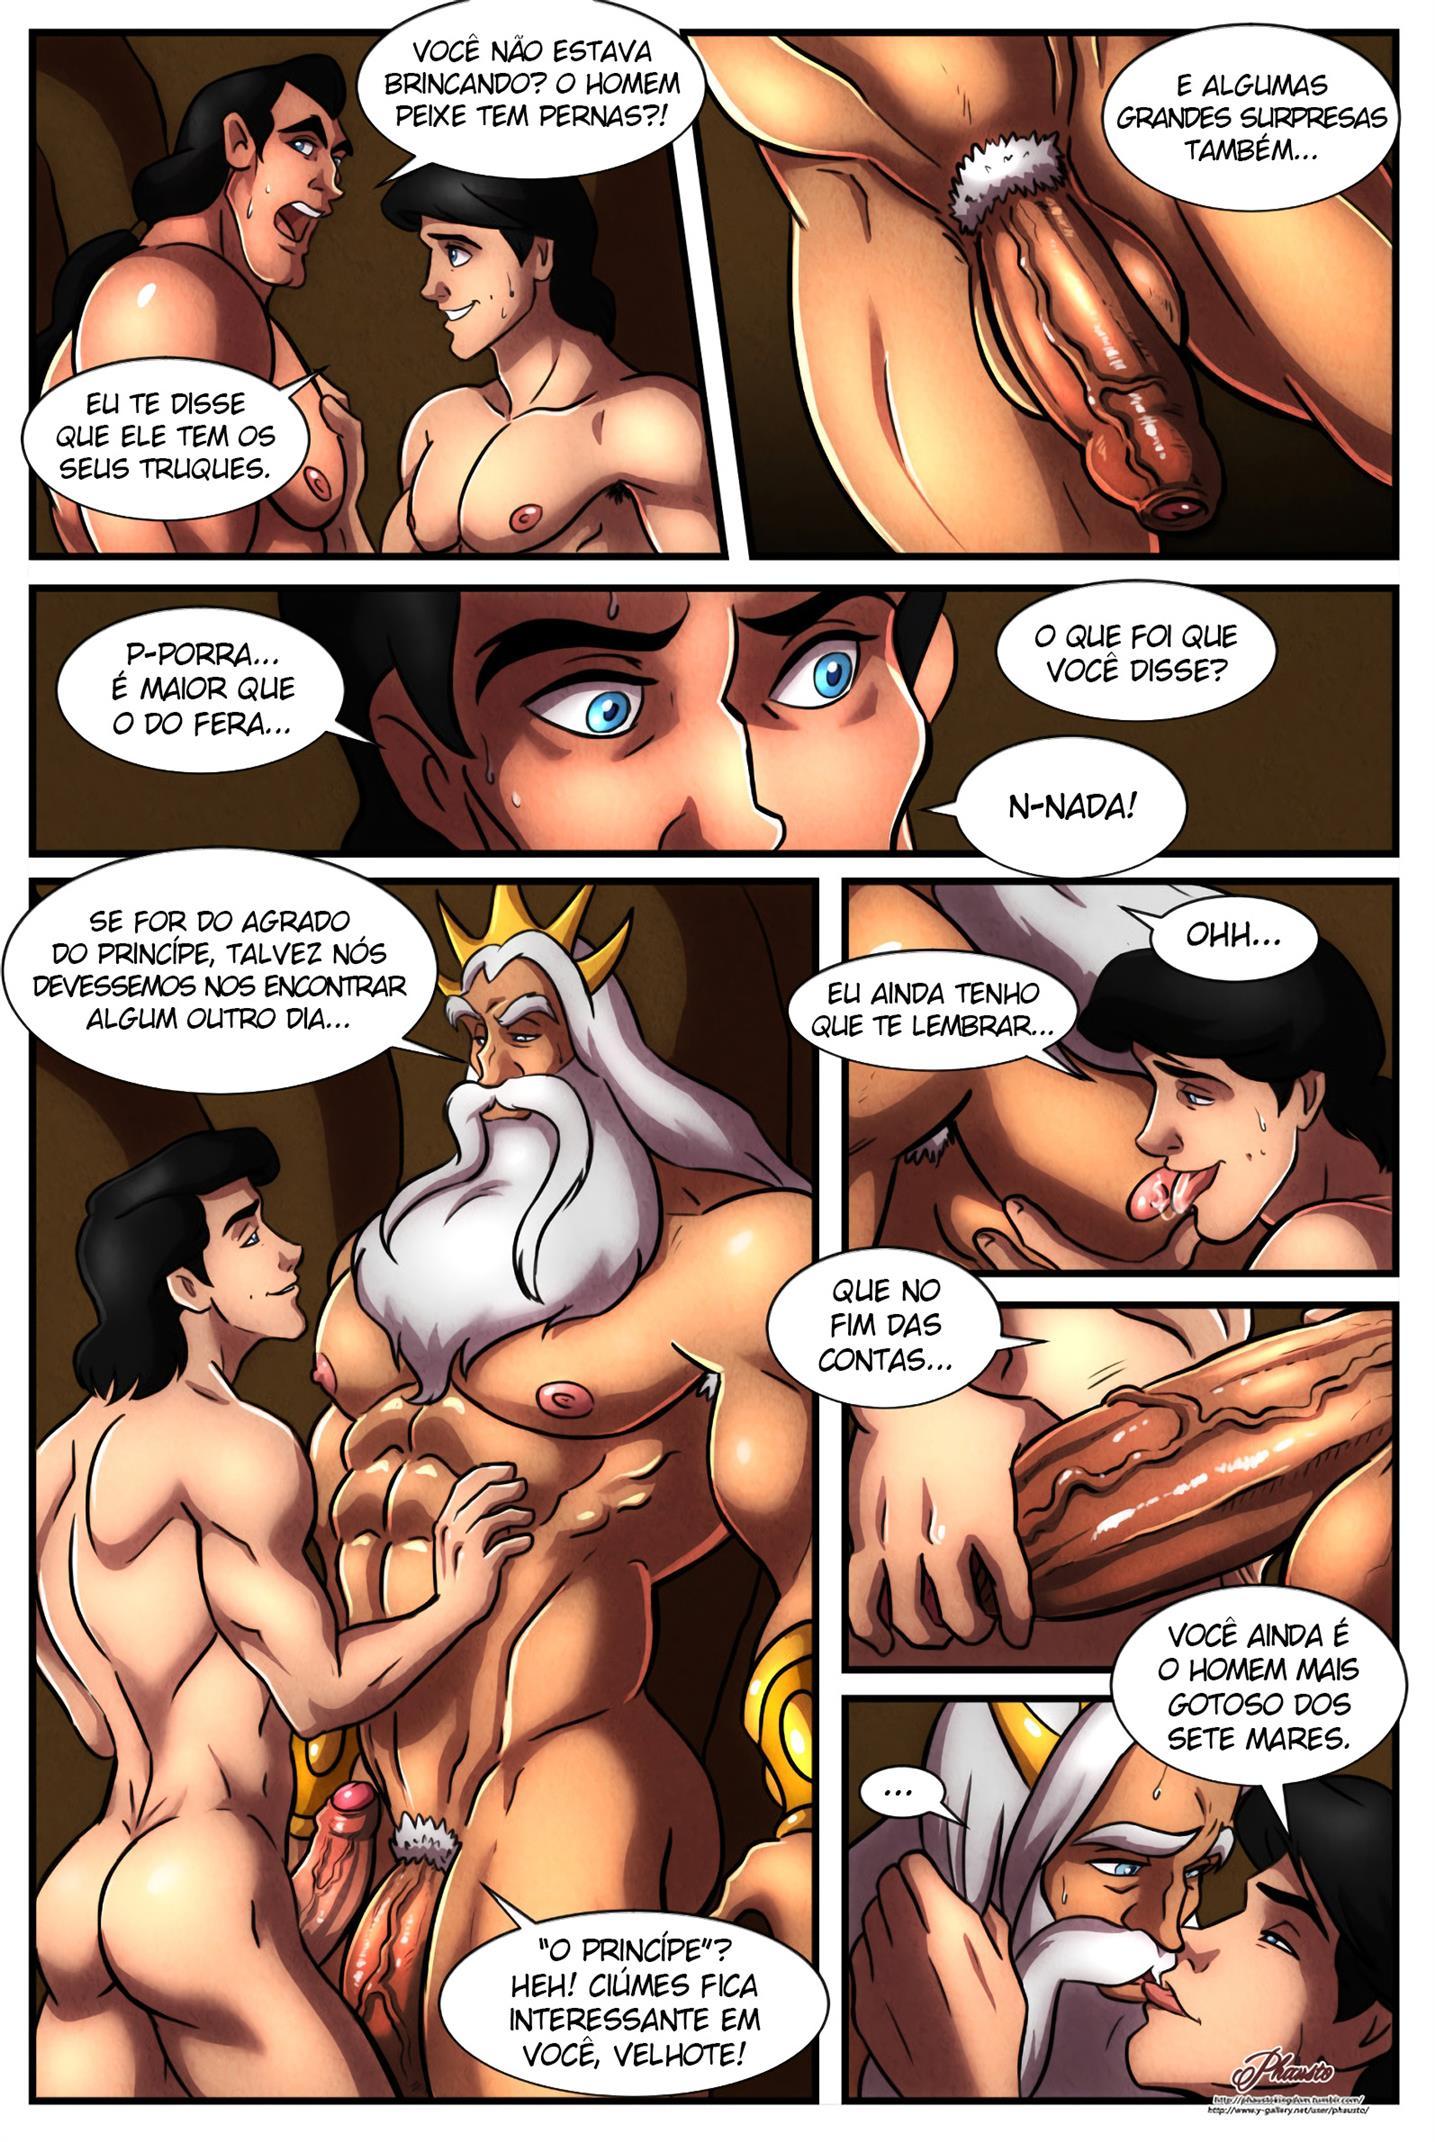 O rei e o príncipe 02 - Foto 9